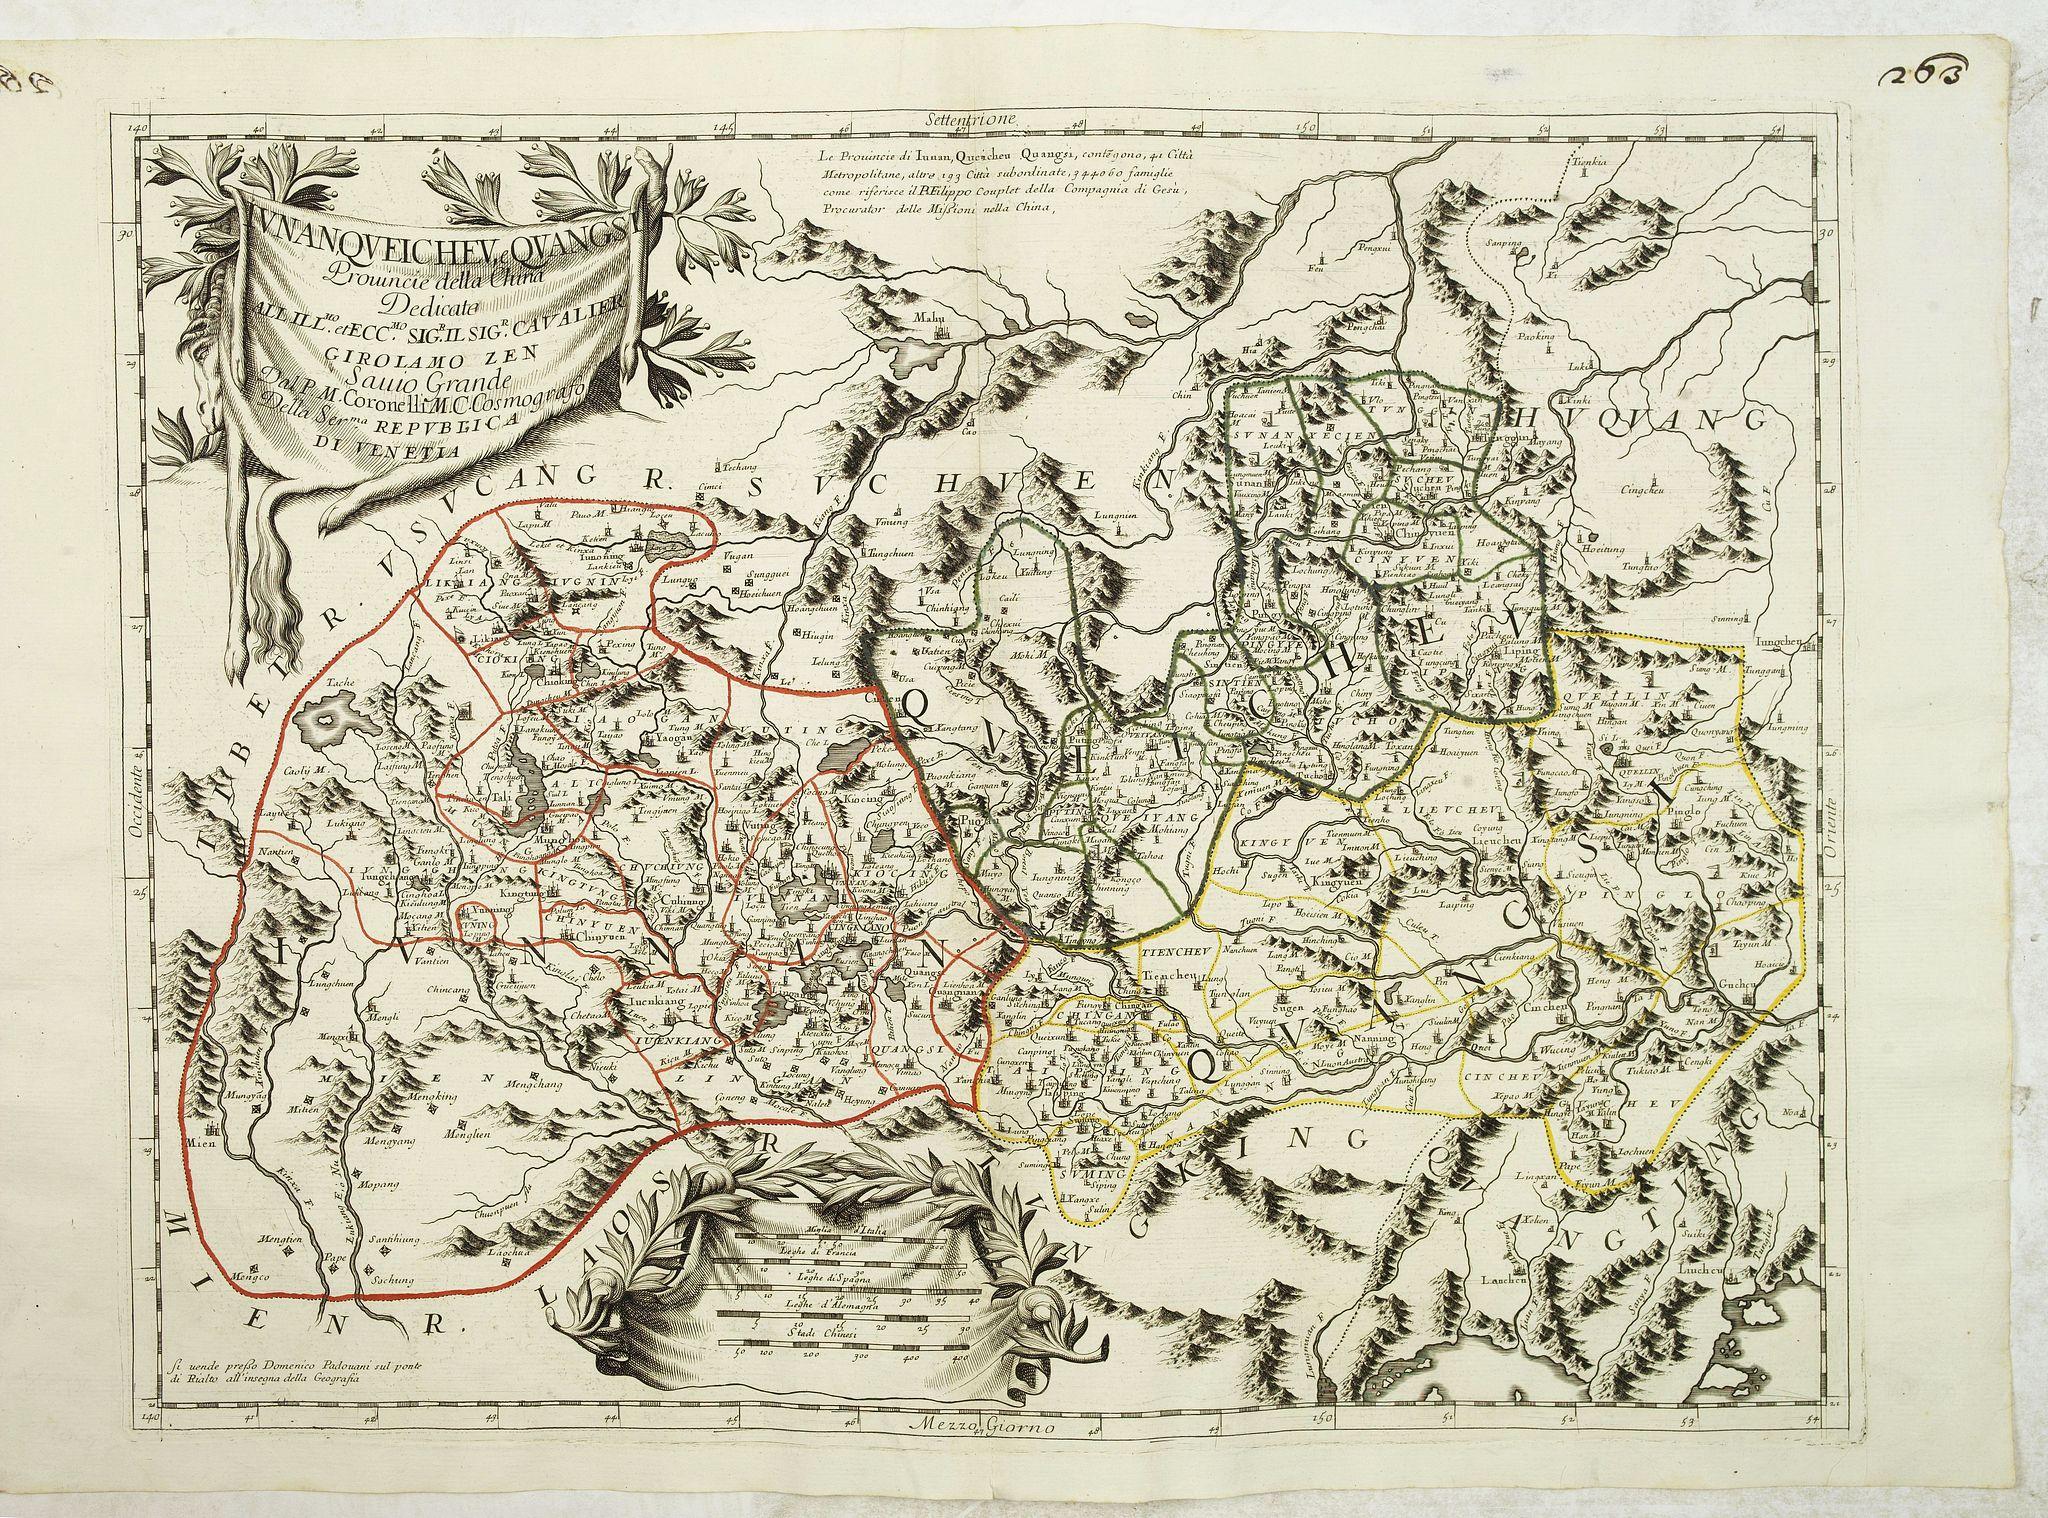 CORONELLI, V.M. -  Iunan, Queichev, e Quangsi Provincie della Cina. . .